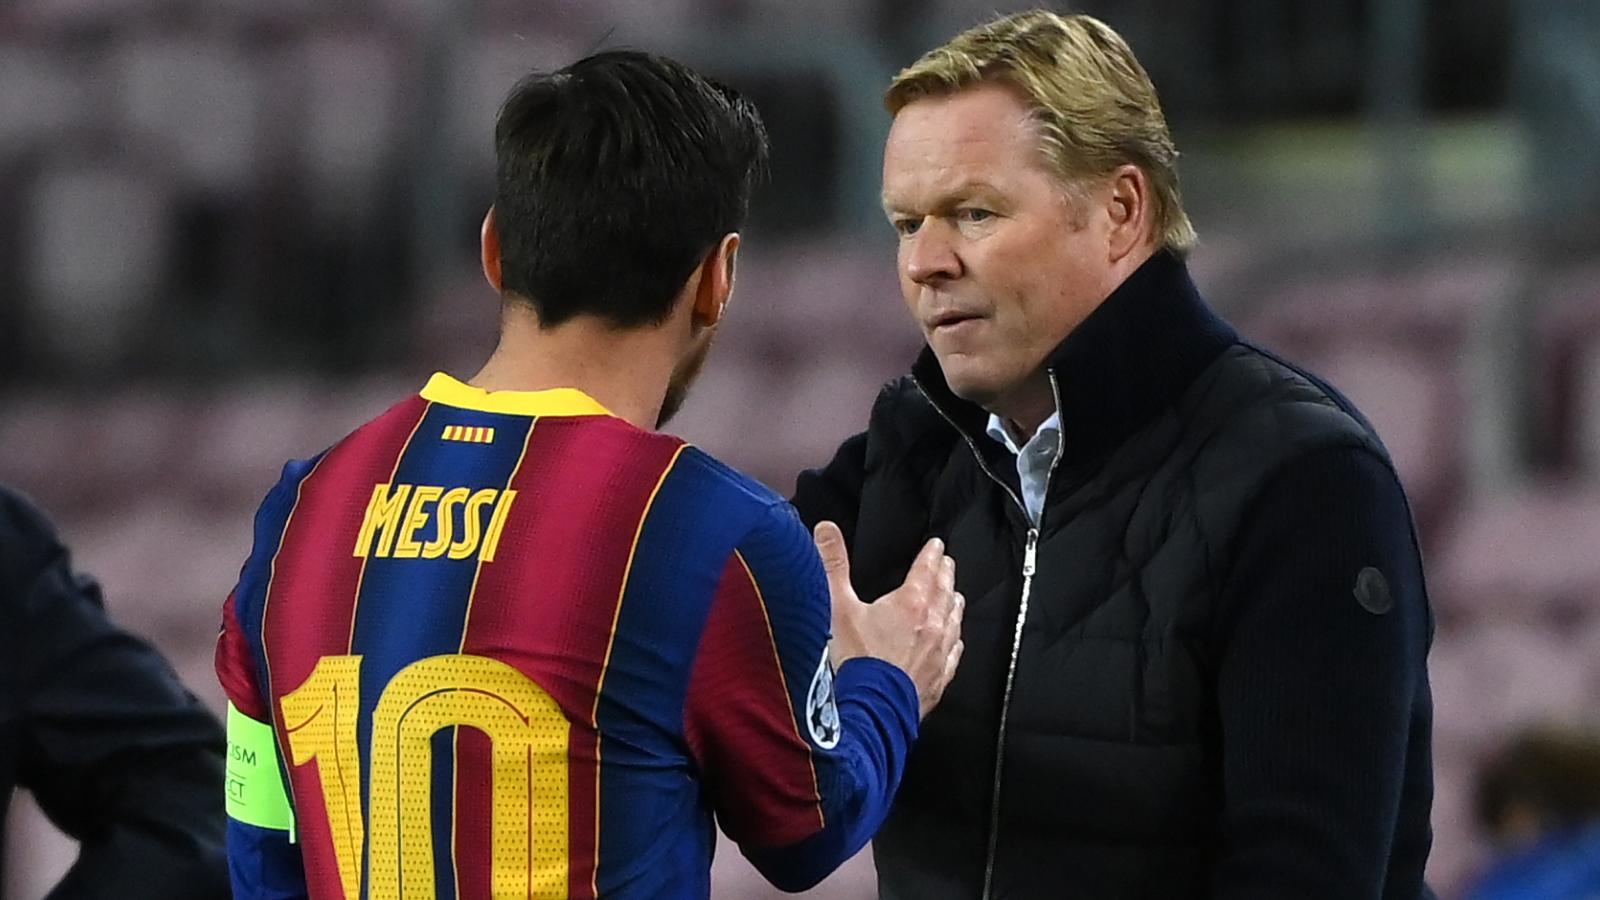 Messi quedó libre por primera vez en su carrera, pero Barcelona no se resigna